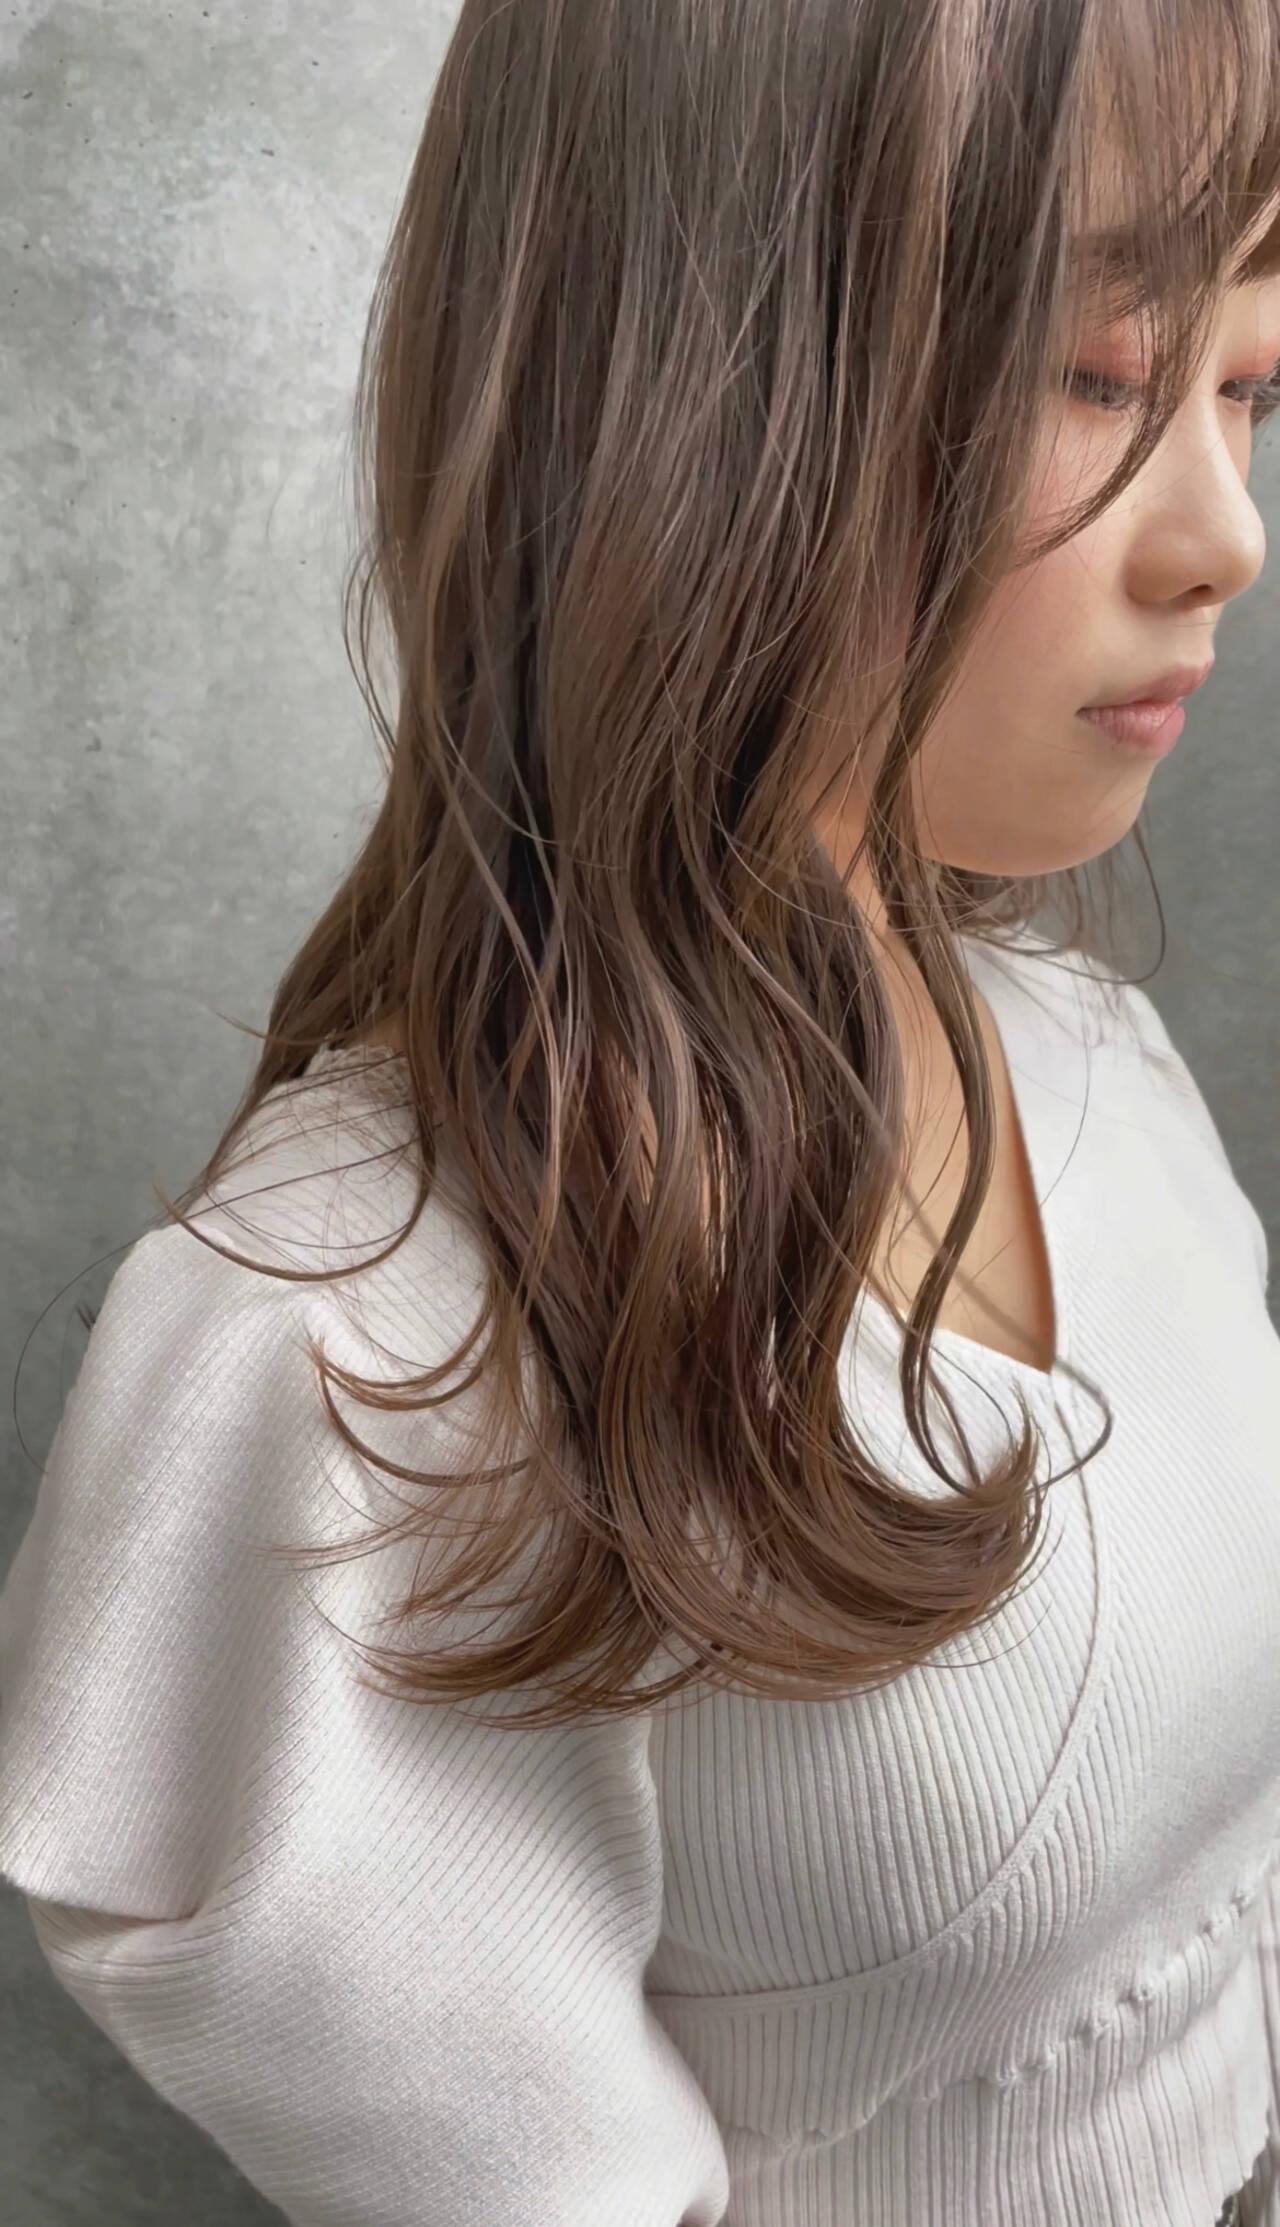 レイヤーカット ナチュラル ヘアアレンジ ブリーチなしヘアスタイルや髪型の写真・画像